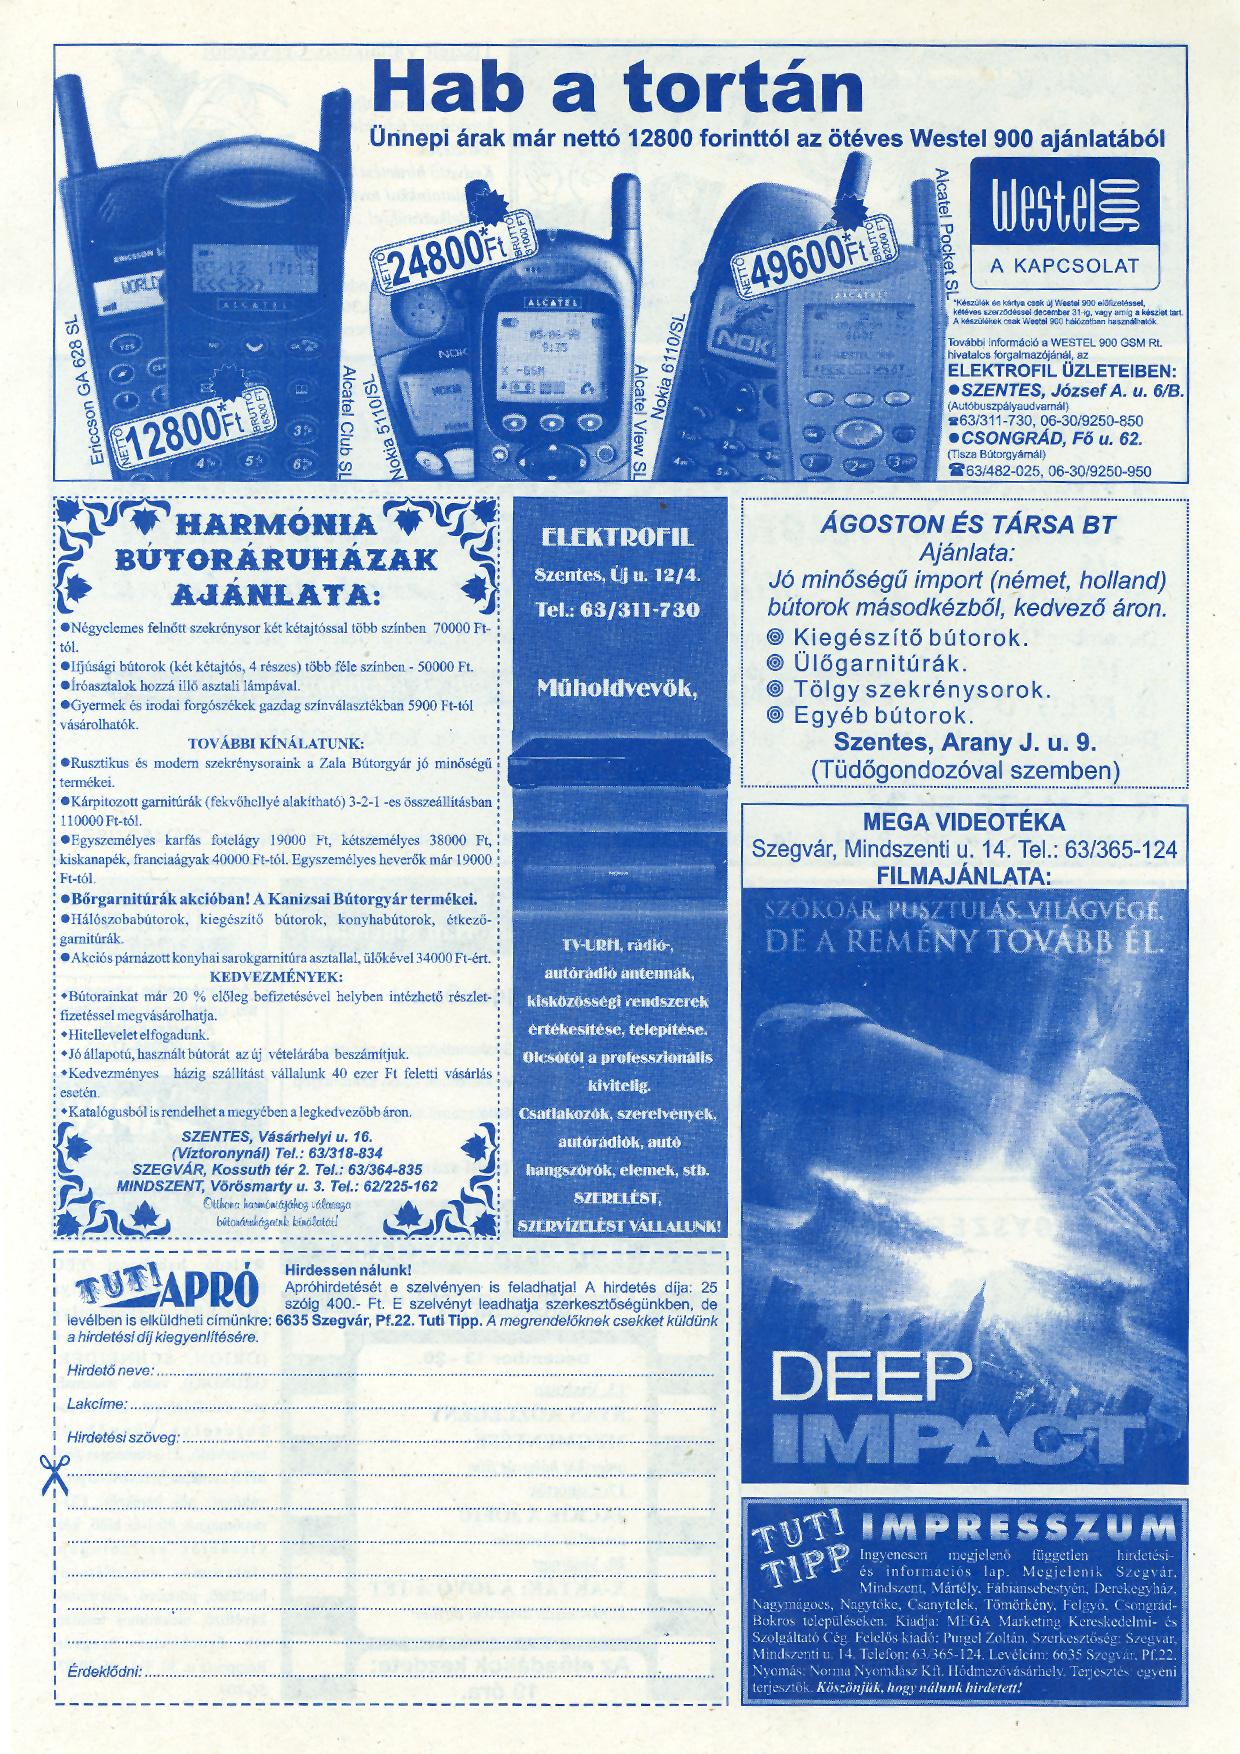 062 Tuti Tipp reklámújság - 19981212-100+010. lapszám - 2.oldal - IV. évfolyam.jpg